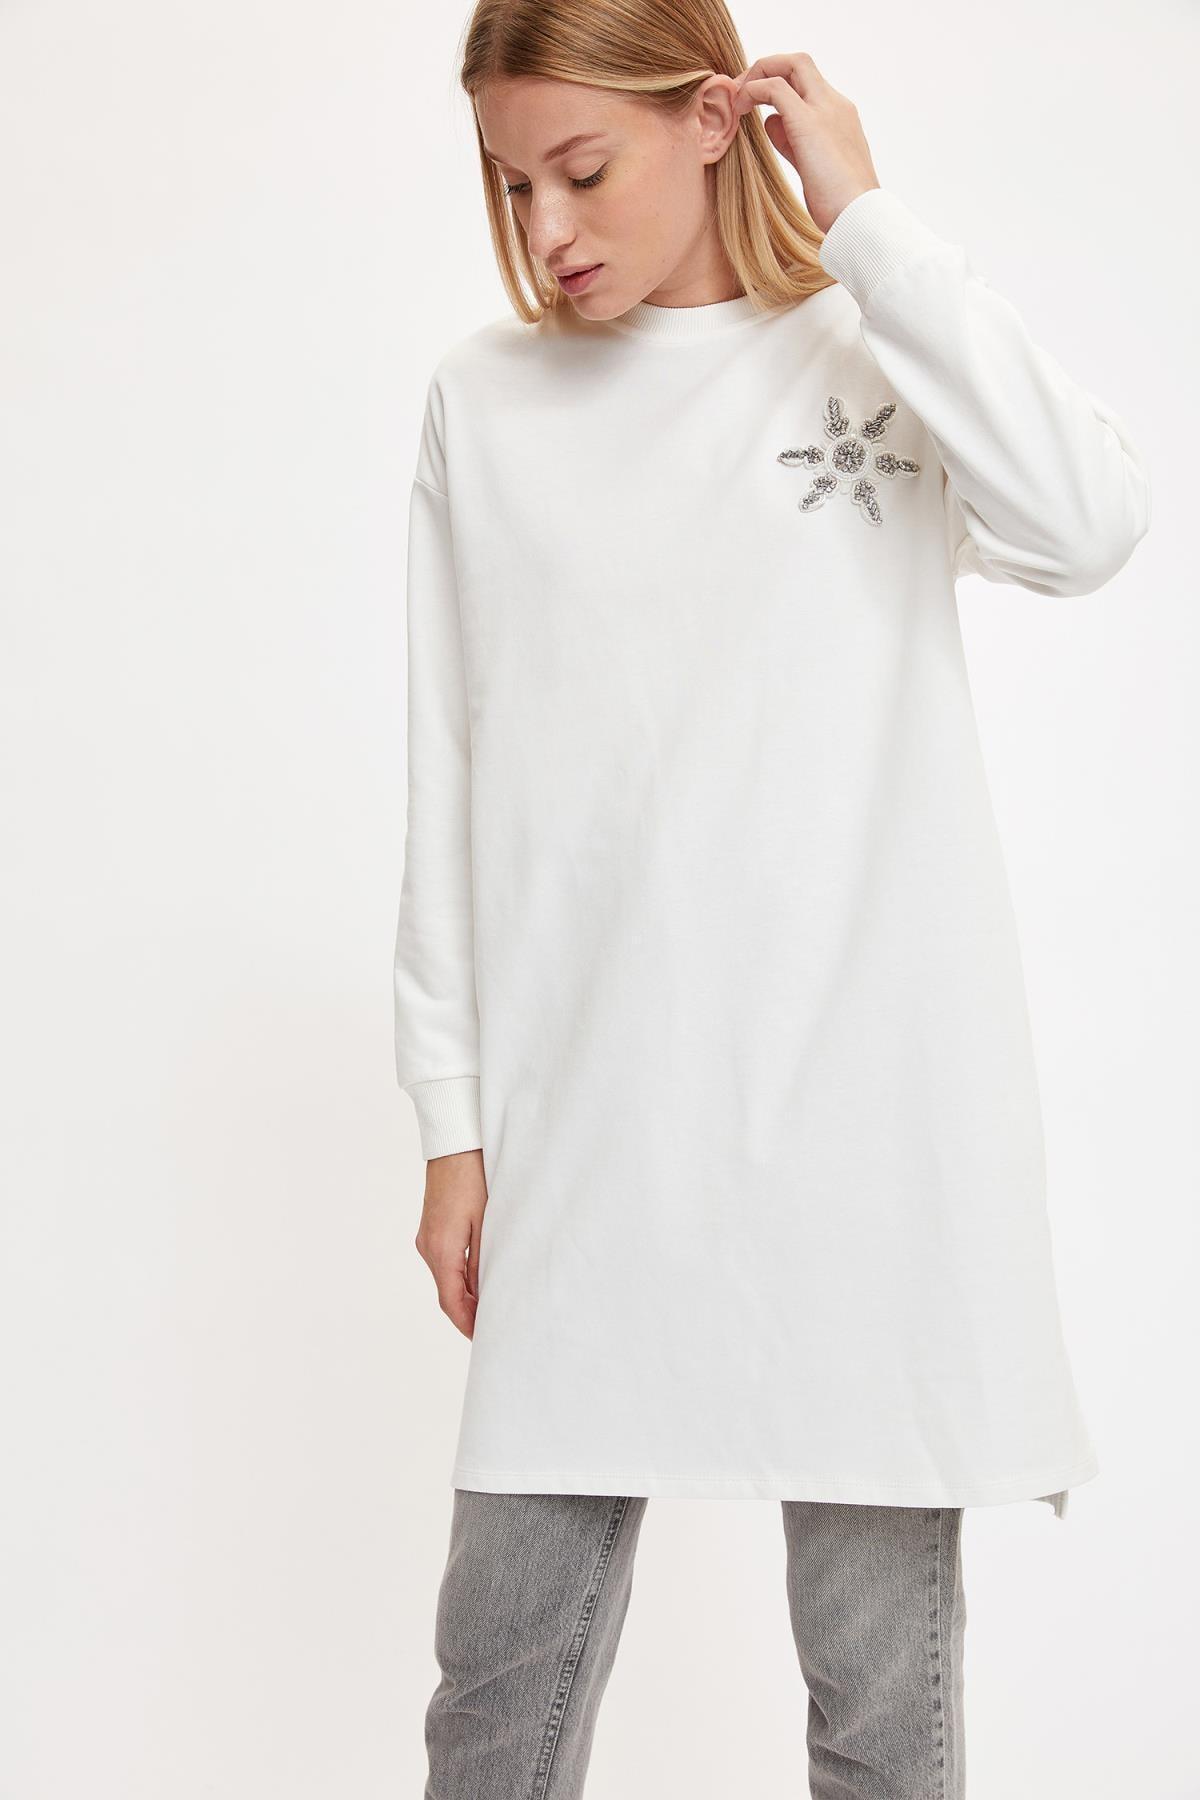 DeFacto Kadın Ecru Baskılı Tunik Sweatshirt S9177AZ20AU